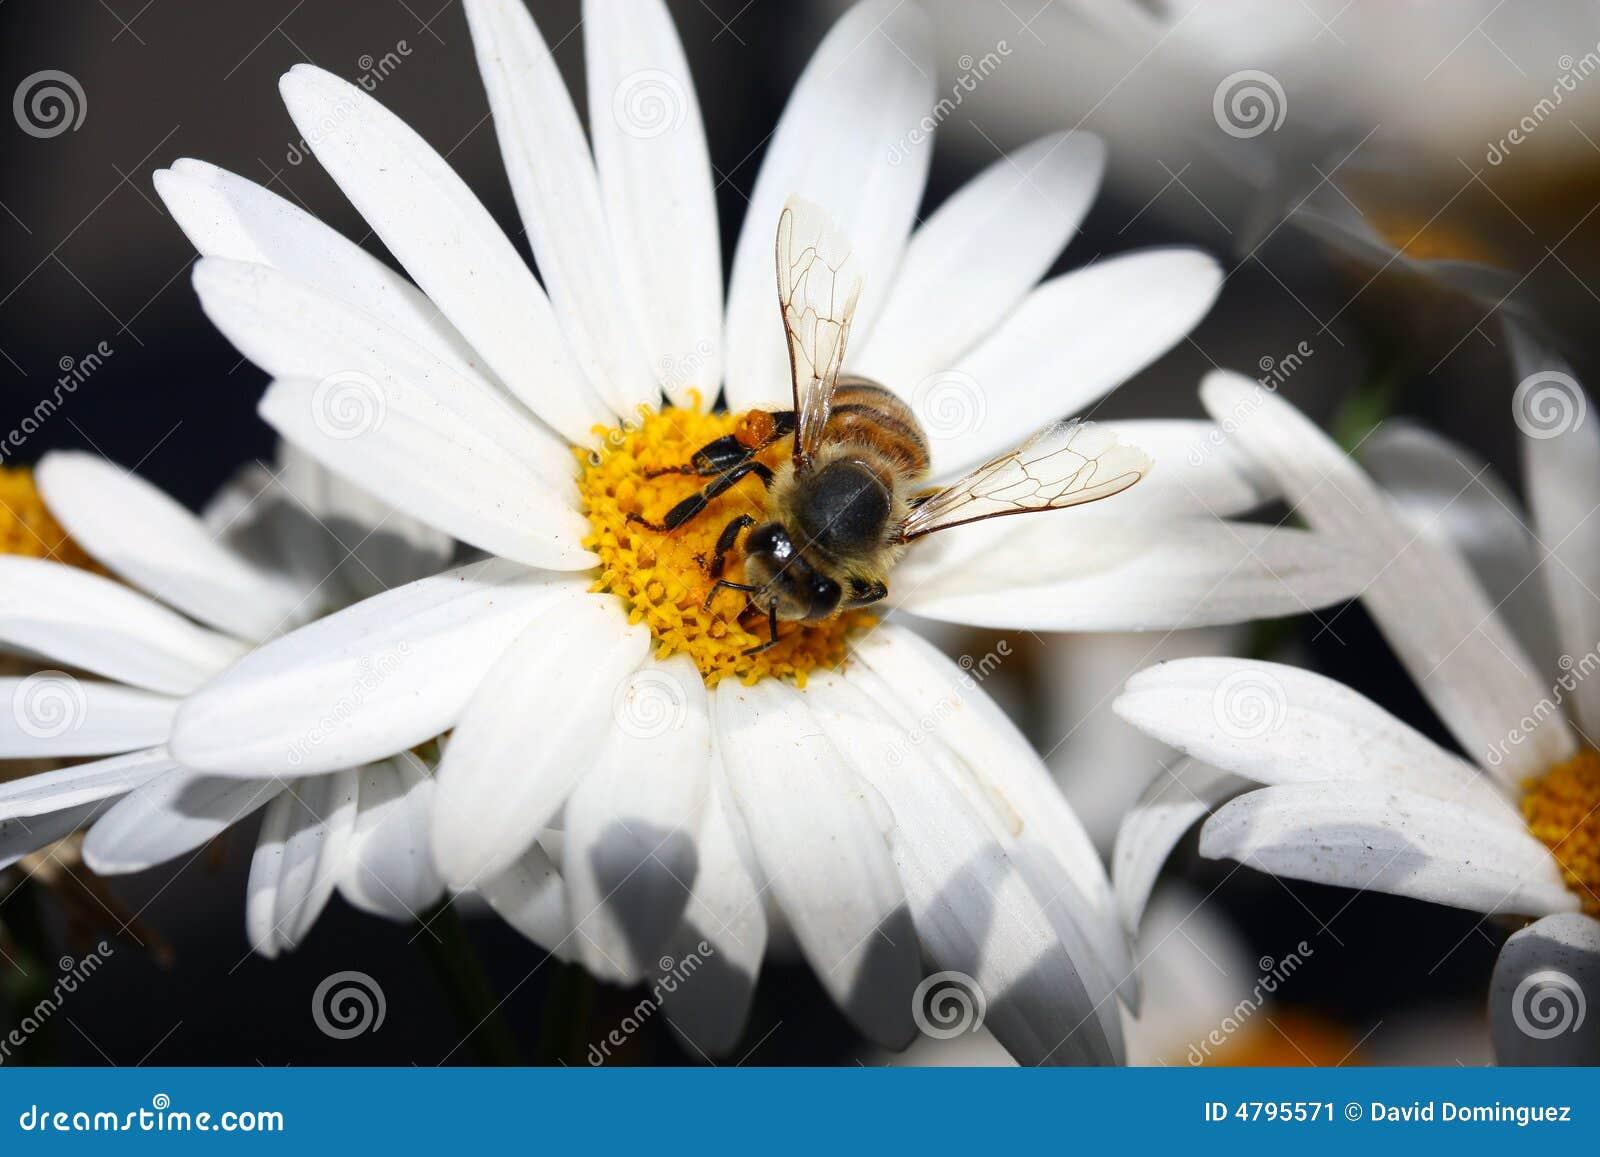 biene und blume stockbild bild von sonnenblume nave